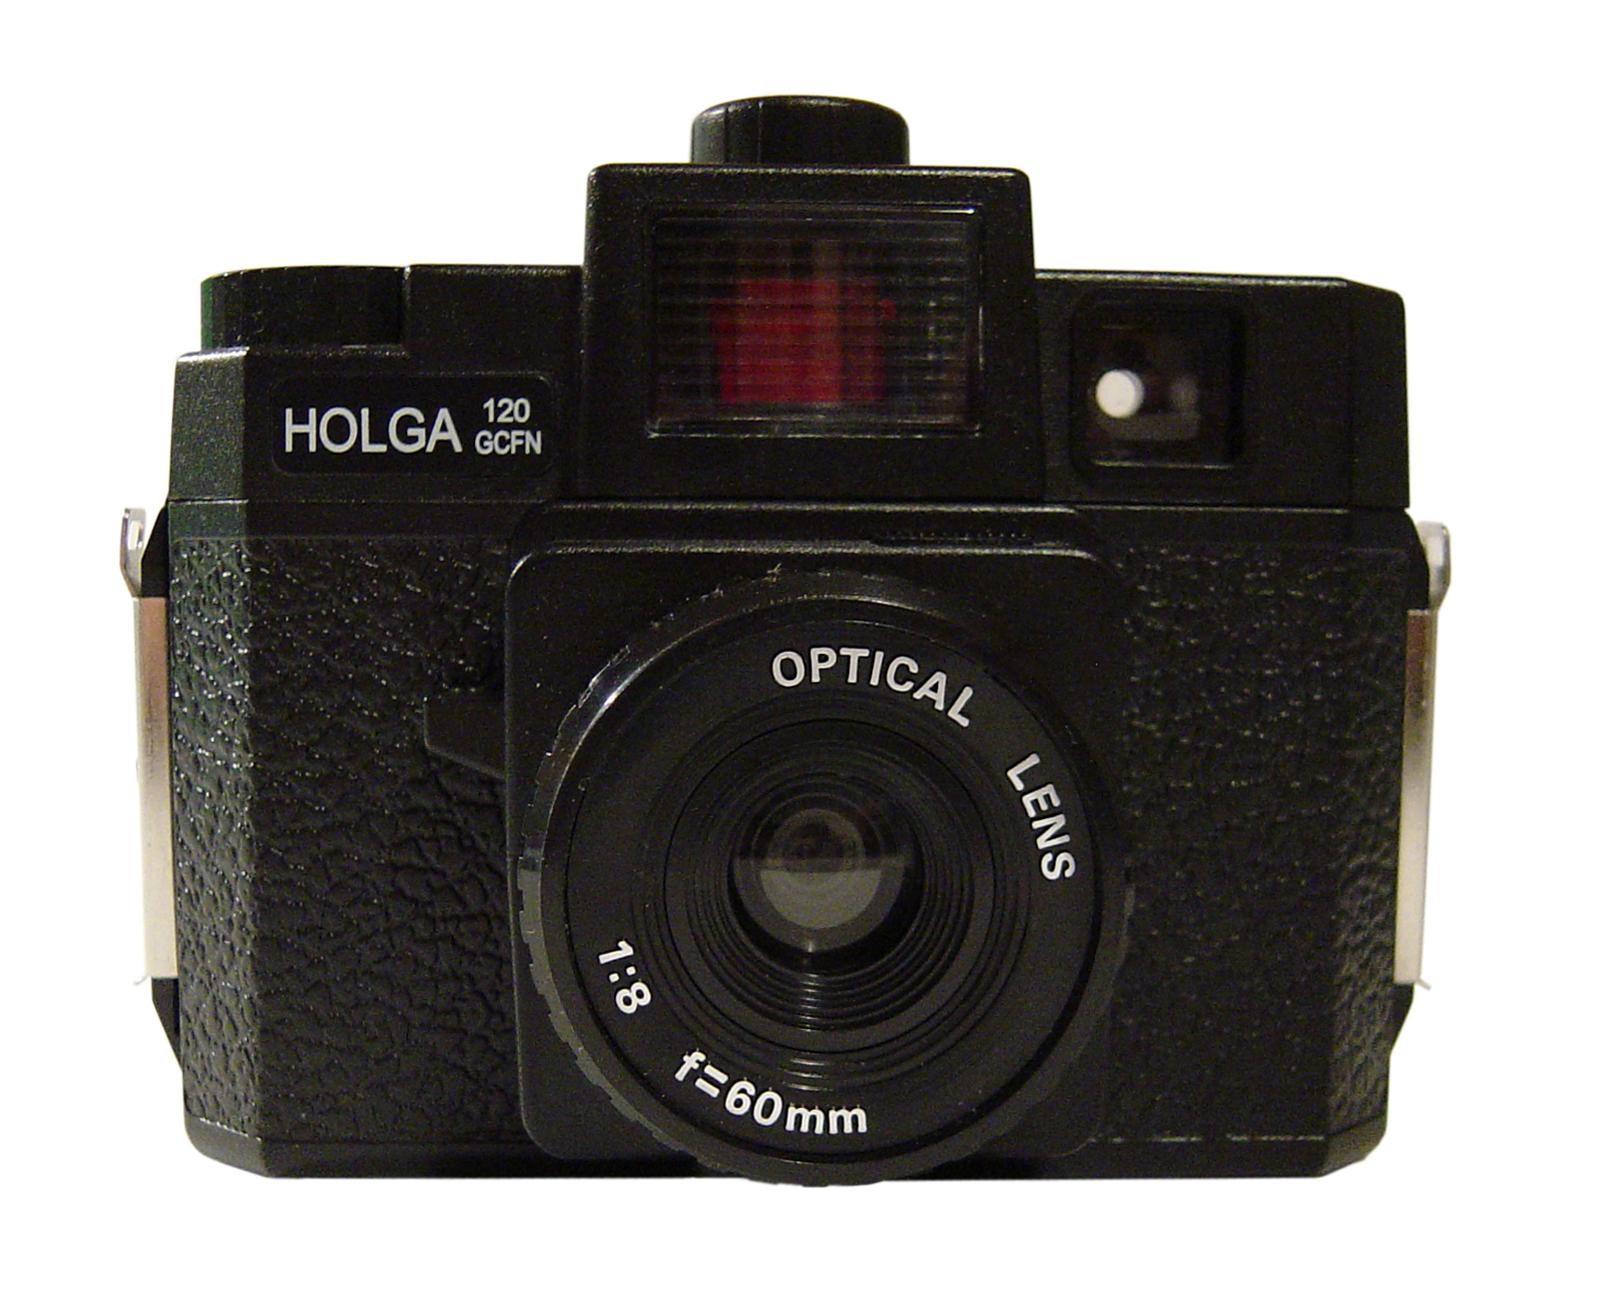 Fotoaparát Holga novější provenience se skleněnou čočkou